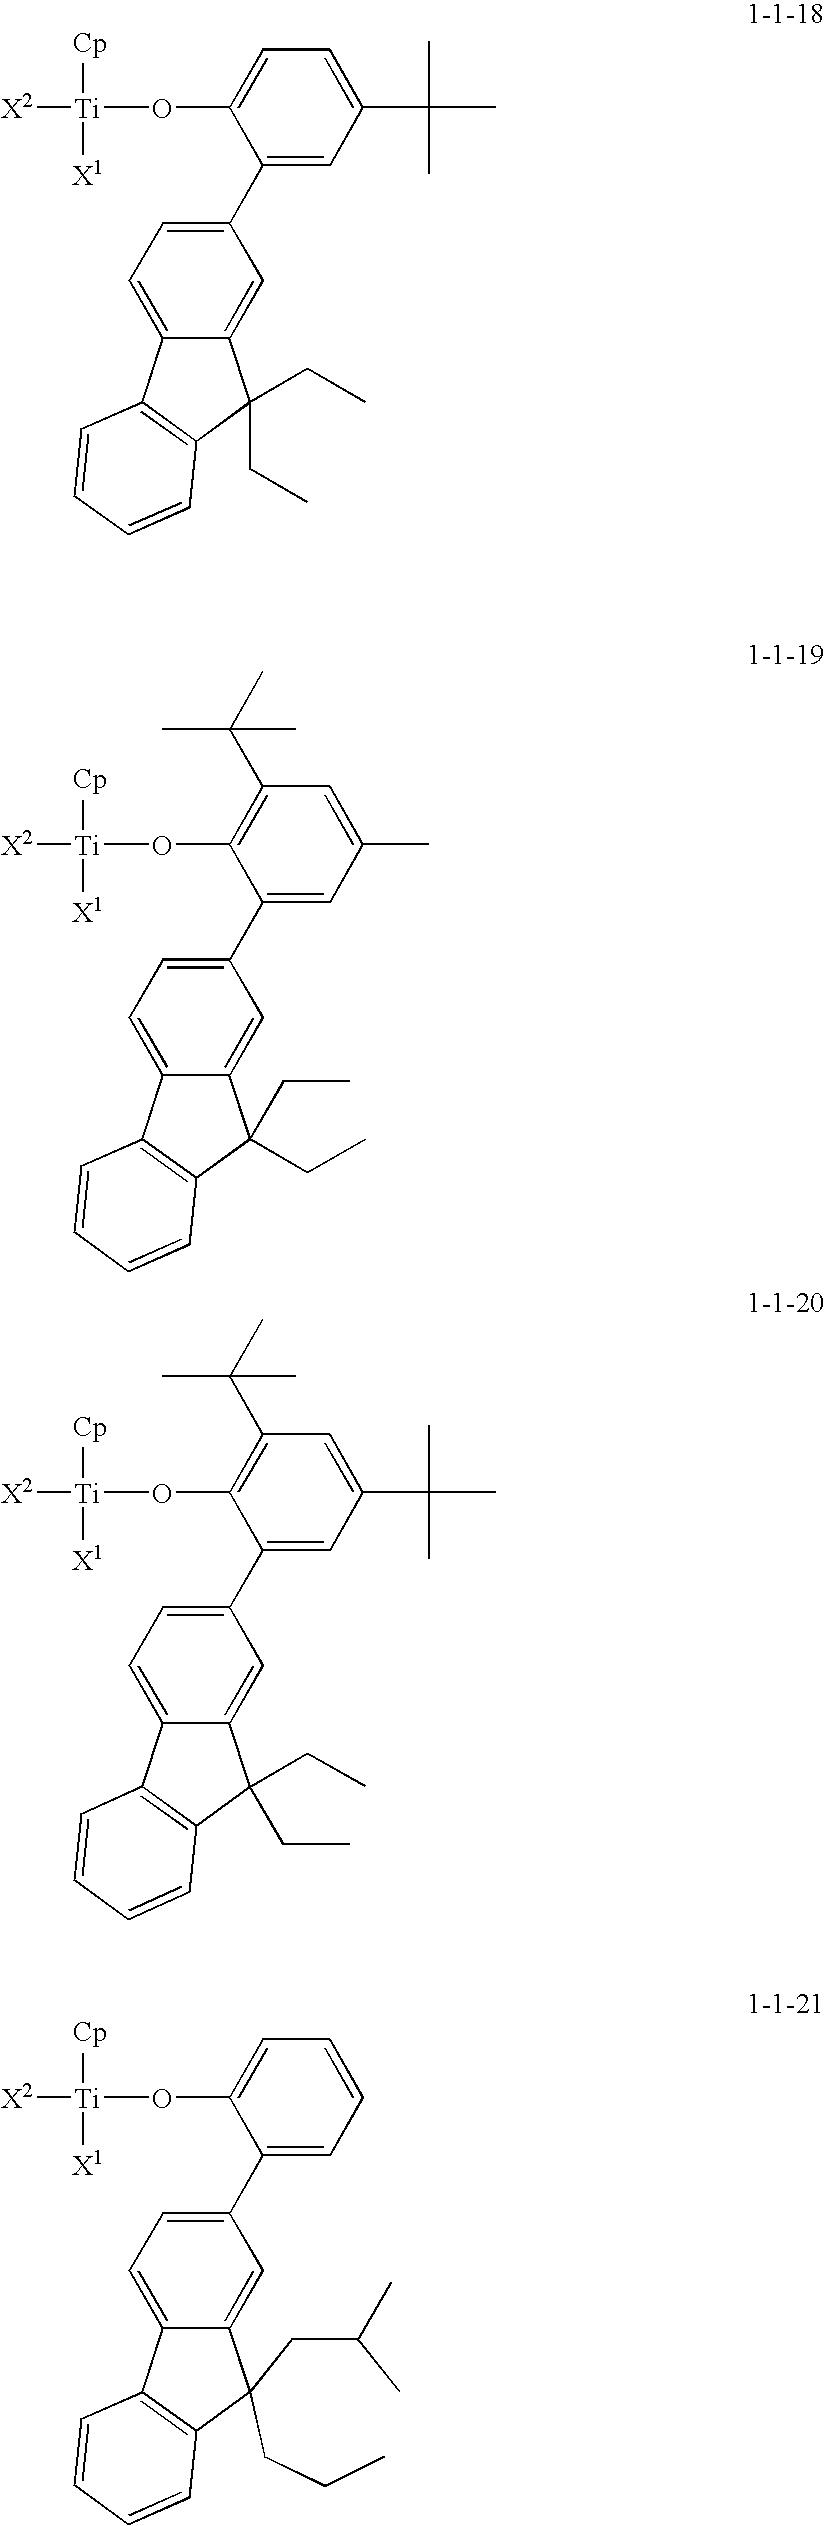 Figure US20100081776A1-20100401-C00030